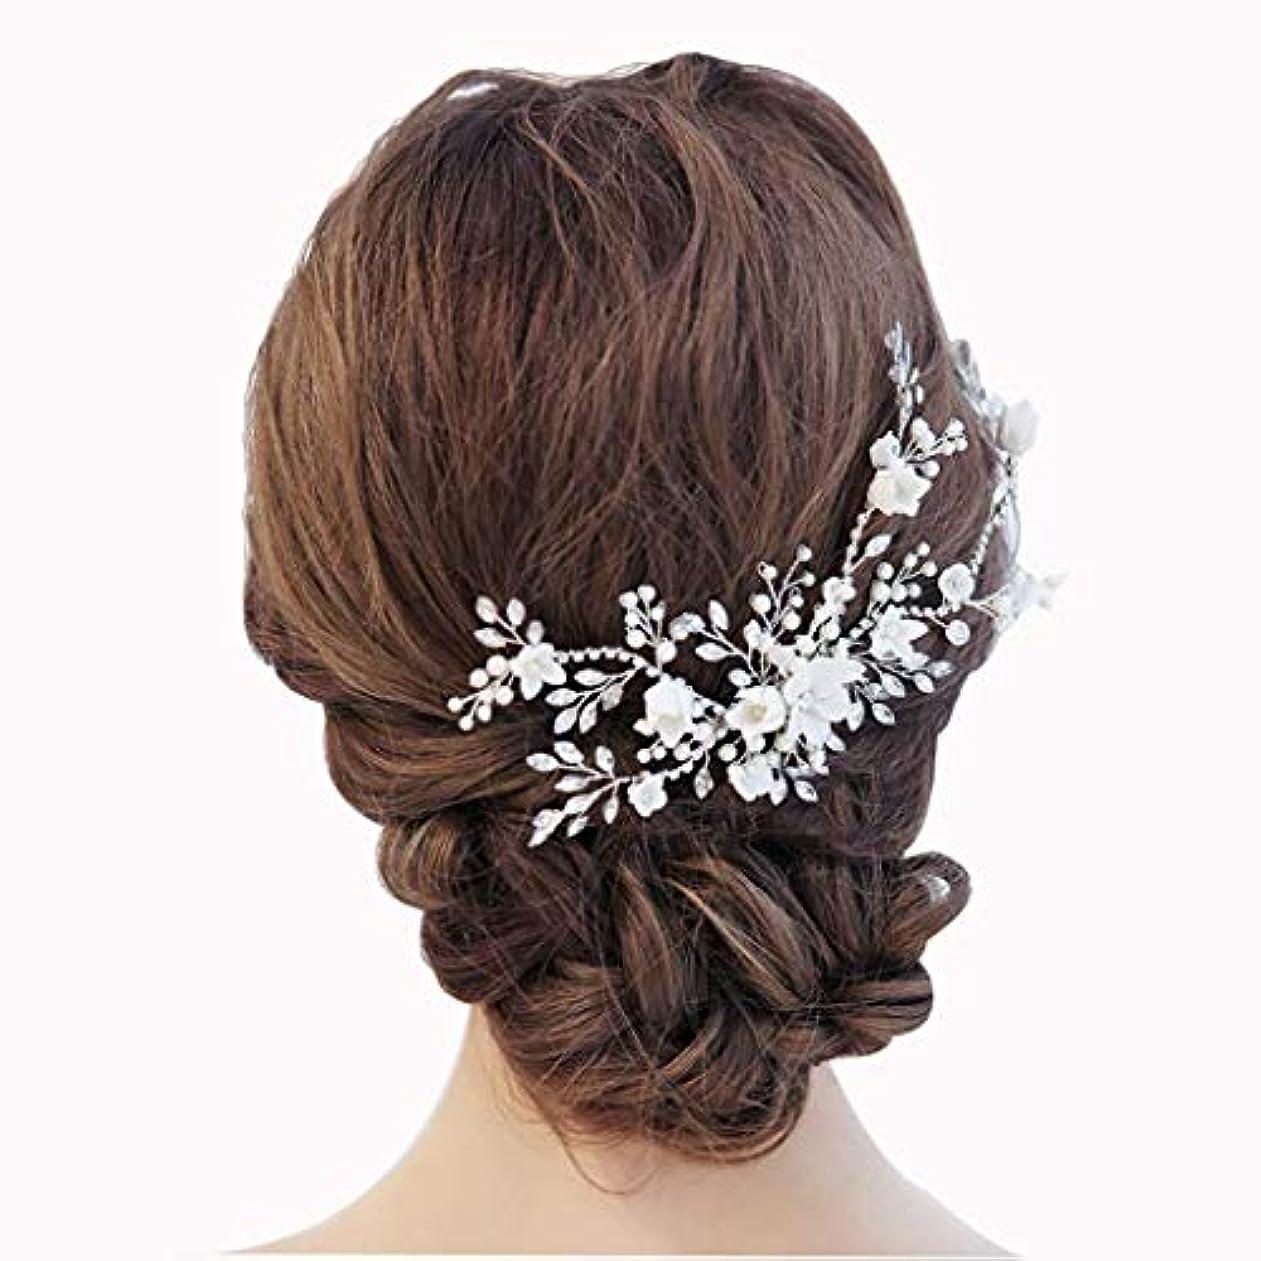 ファイバ成人期見落とす手作りのガーランド、ブライダルヘッドドレススーパーフェアリーヘッドヘッドパールラインストーンジュエリー結婚式のアクセサリーヘアアクセサリー付きパールフラワーウェディング、パーティー